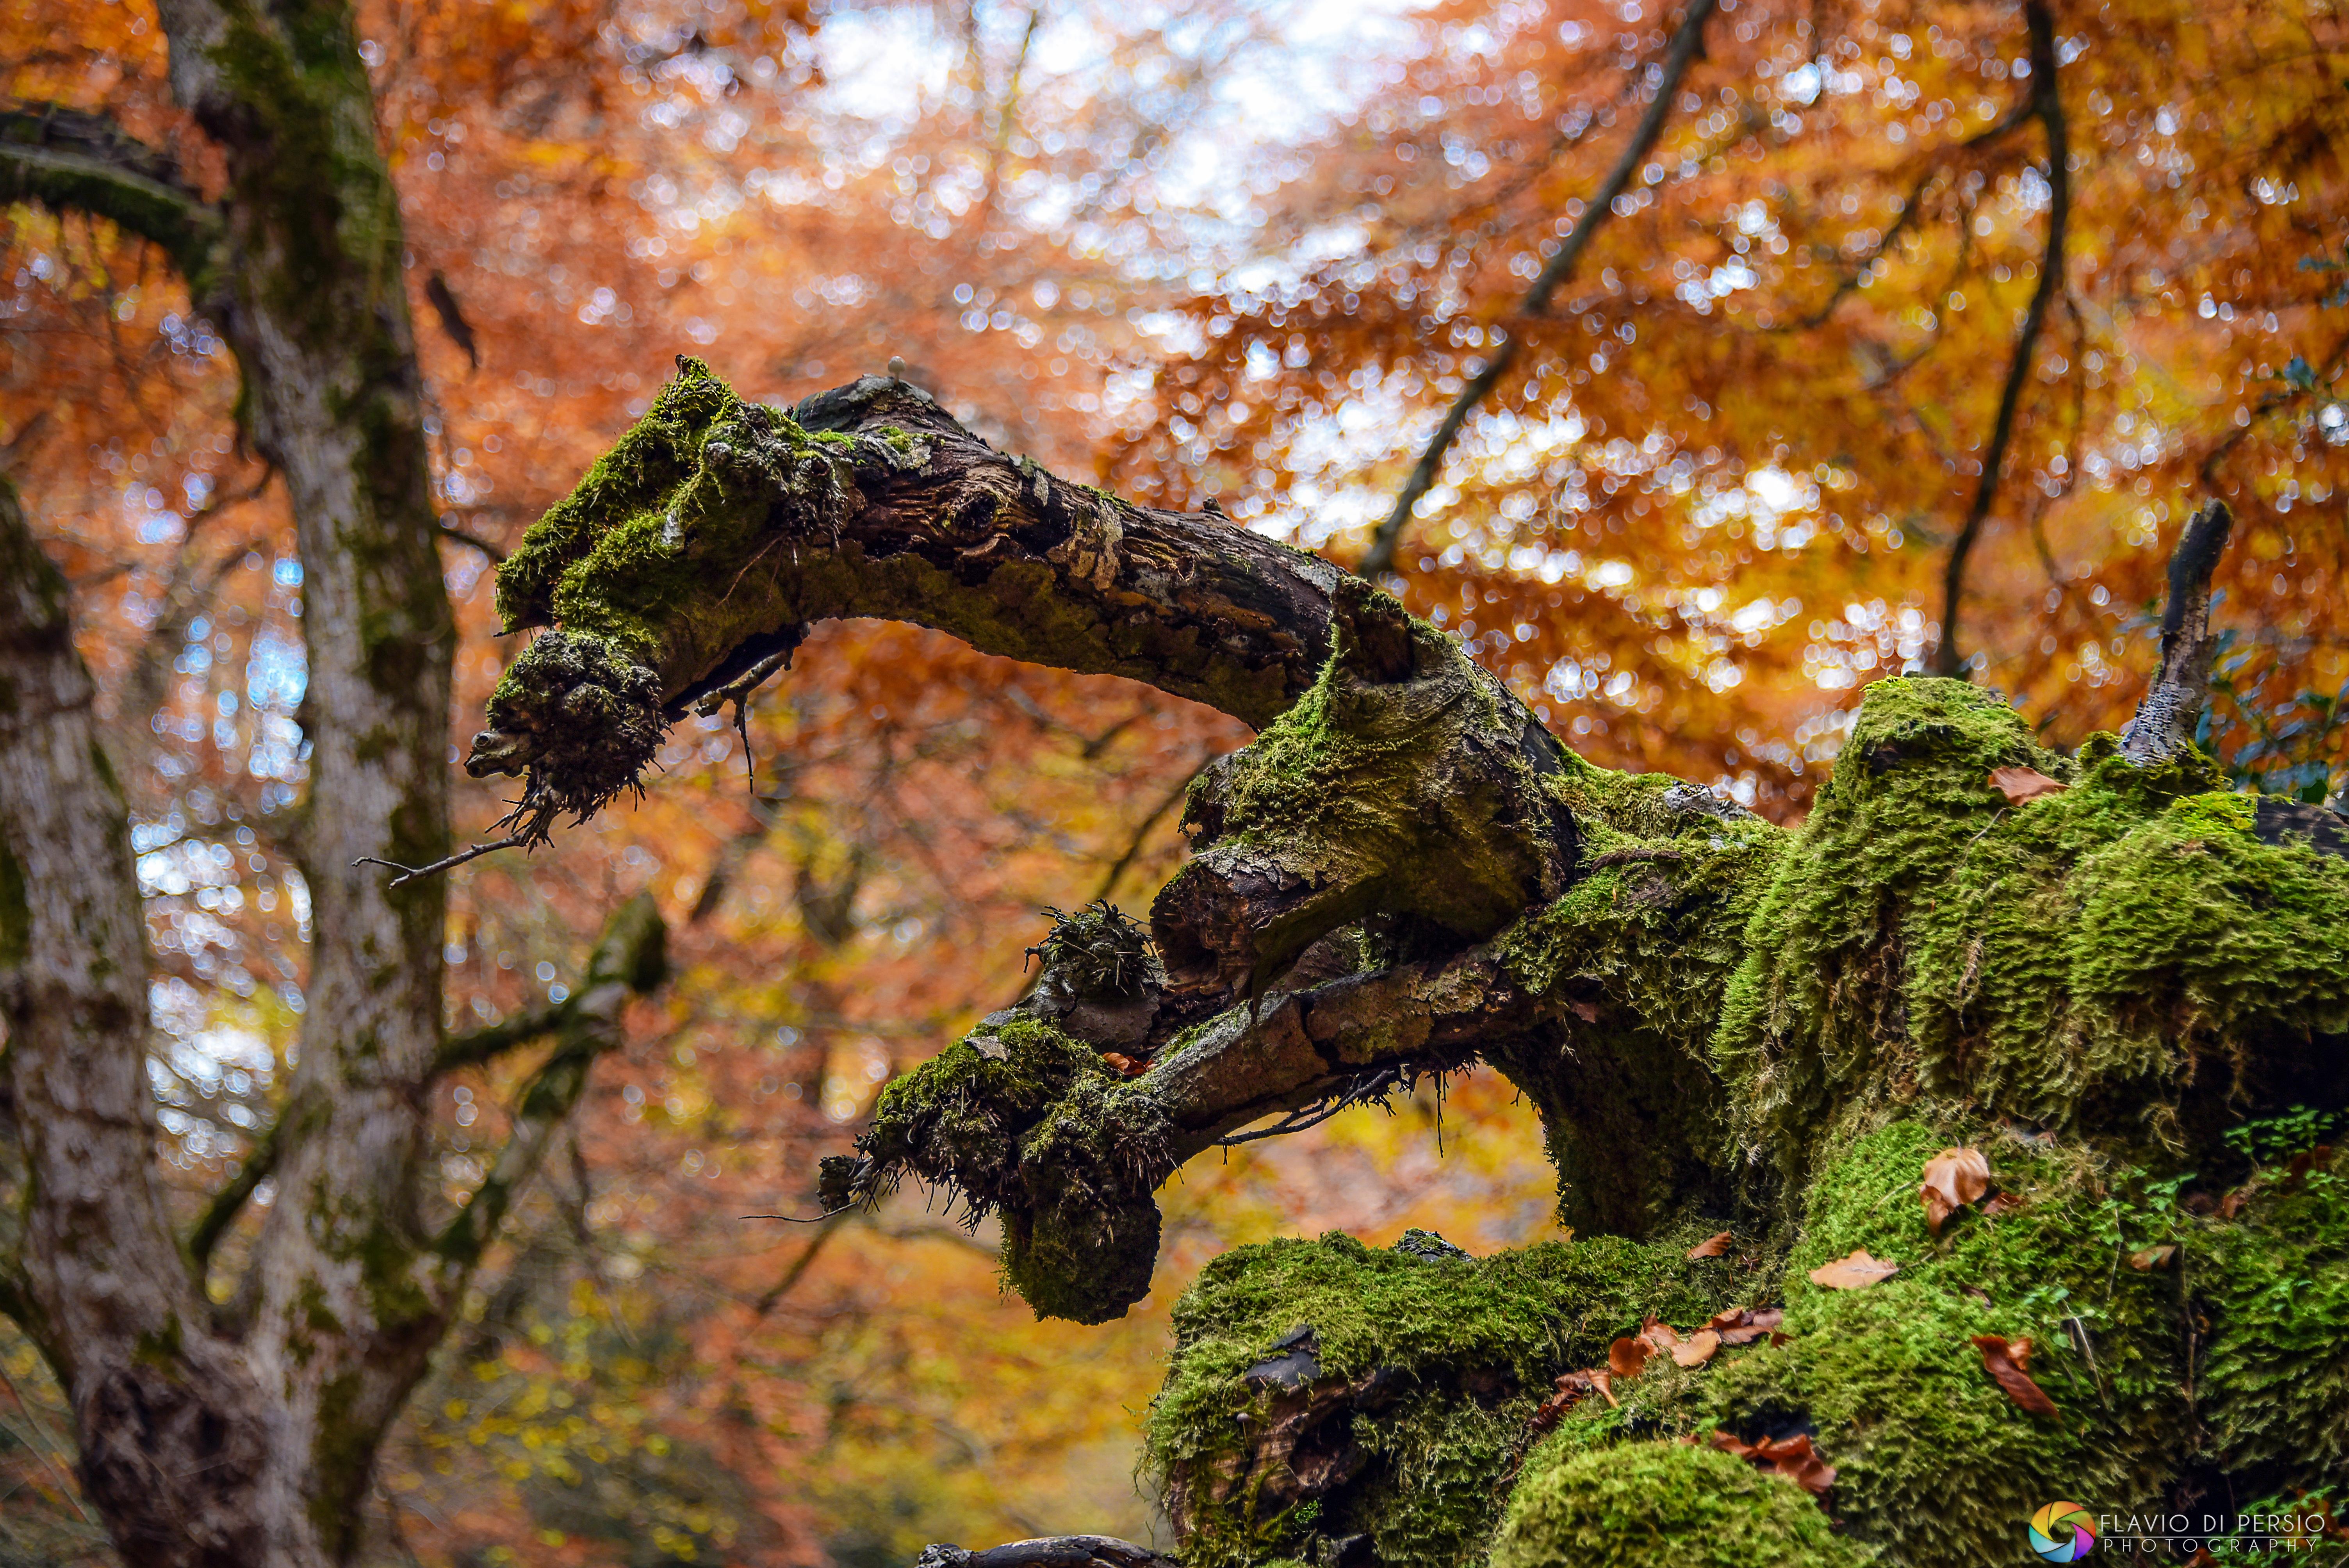 strane forme arboree - un cavallo